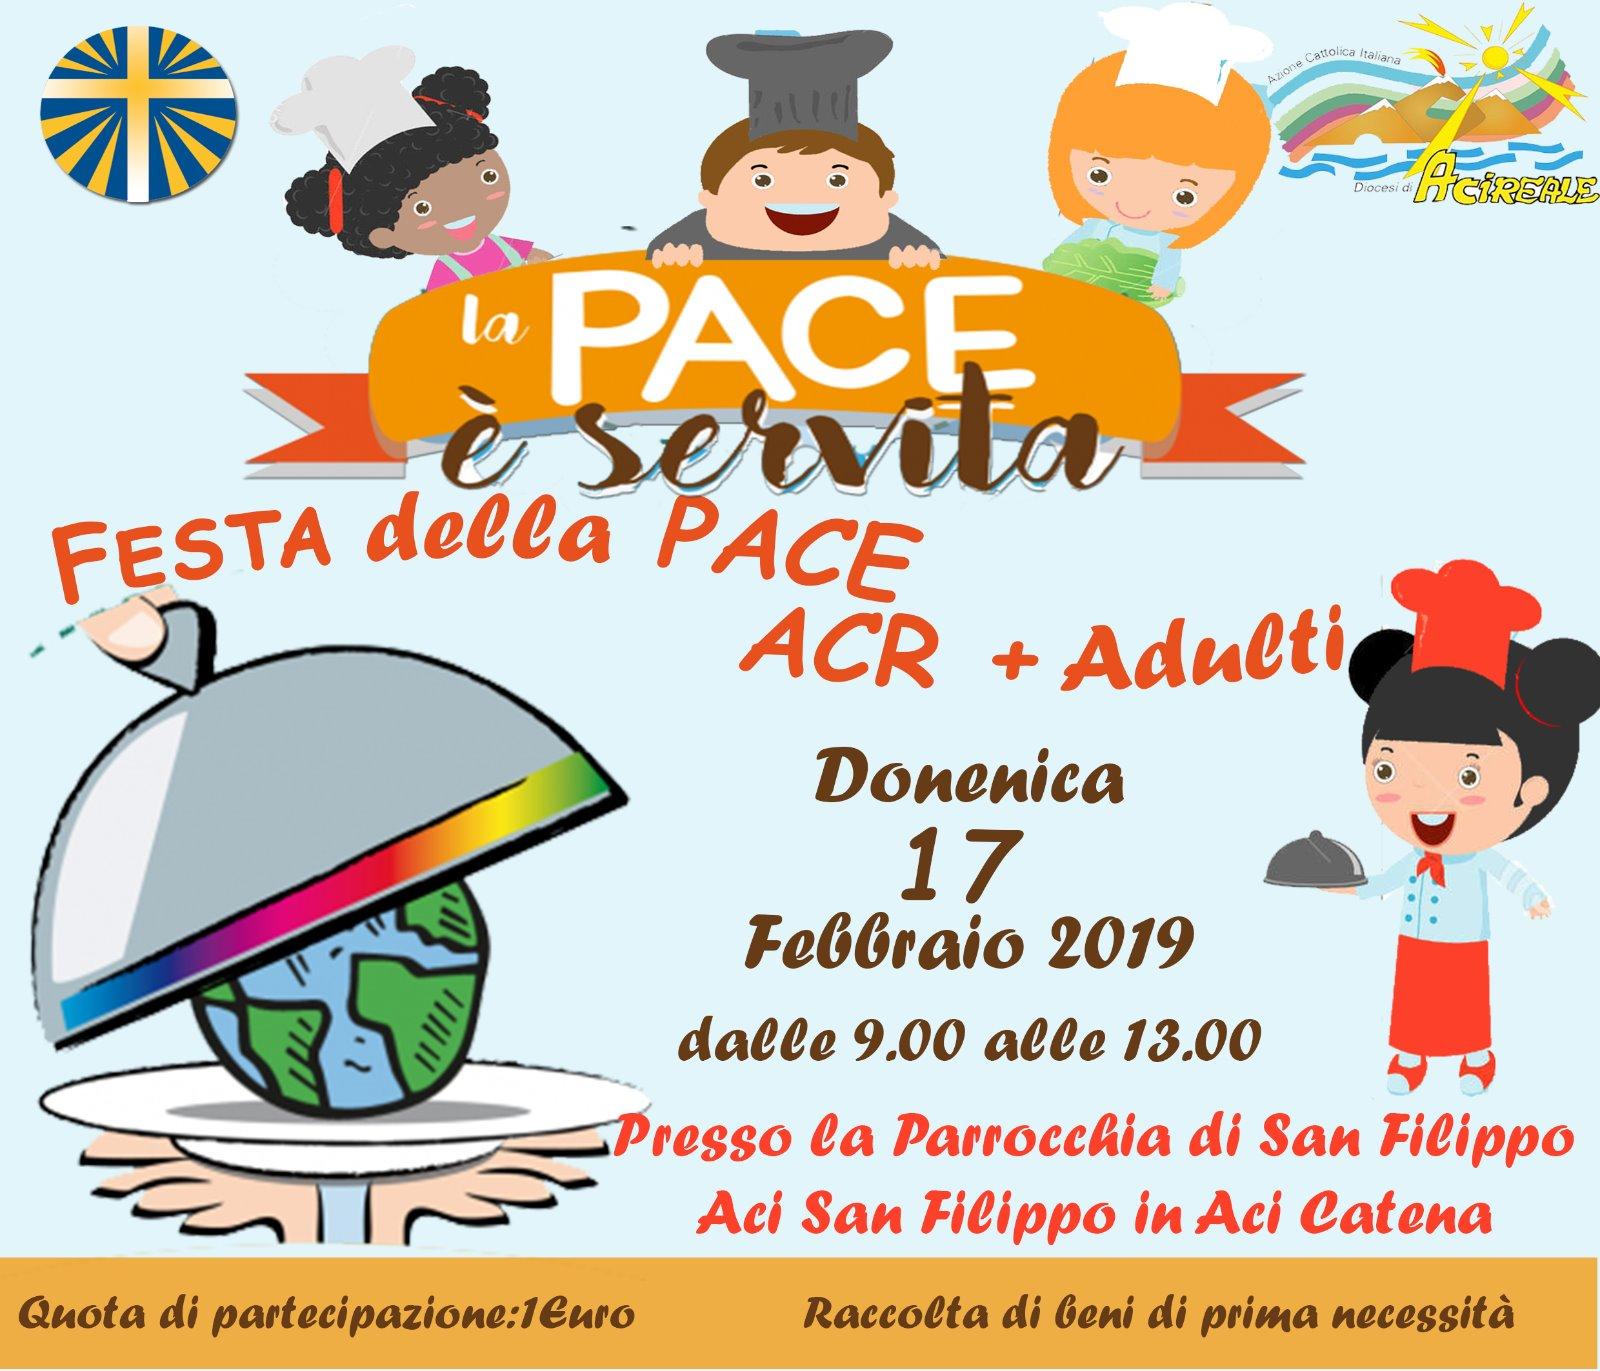 La PACE è servita! festa della Pace ACR+Adulti